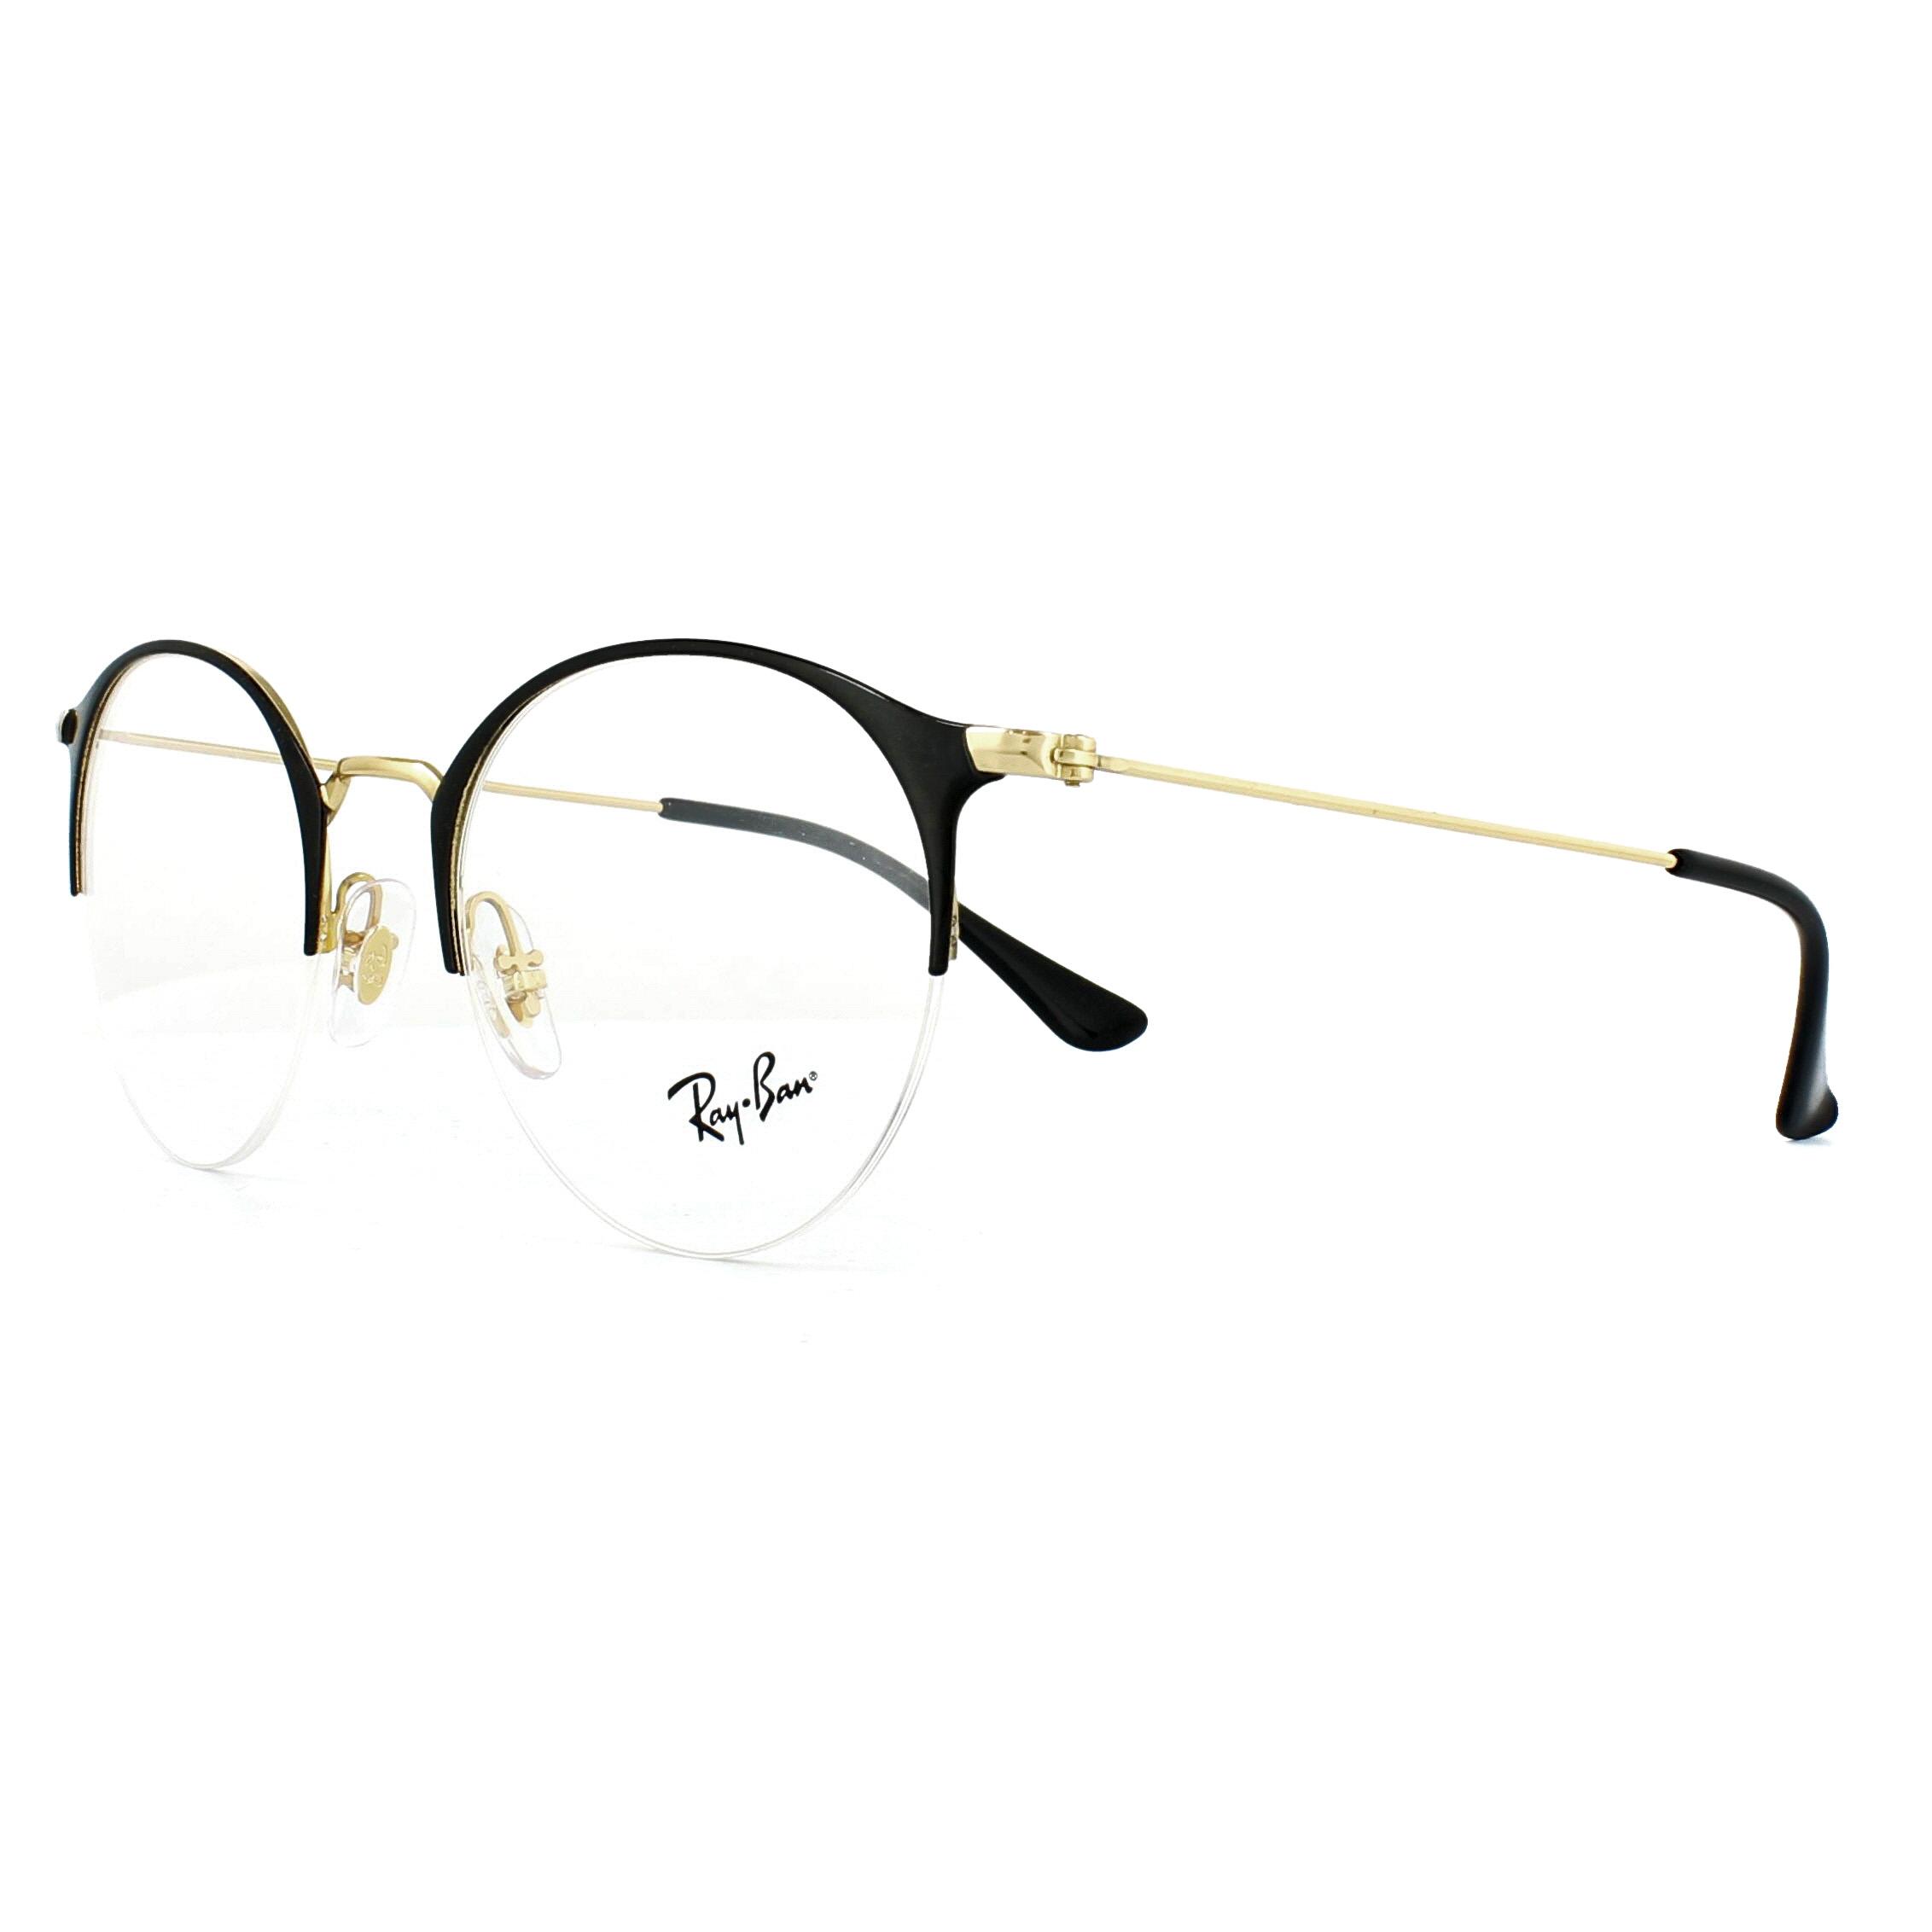 64d9910e2af Sentinel Ray-Ban Glasses Frames 3578V 2890 Gold Top Shiny Black 50mm